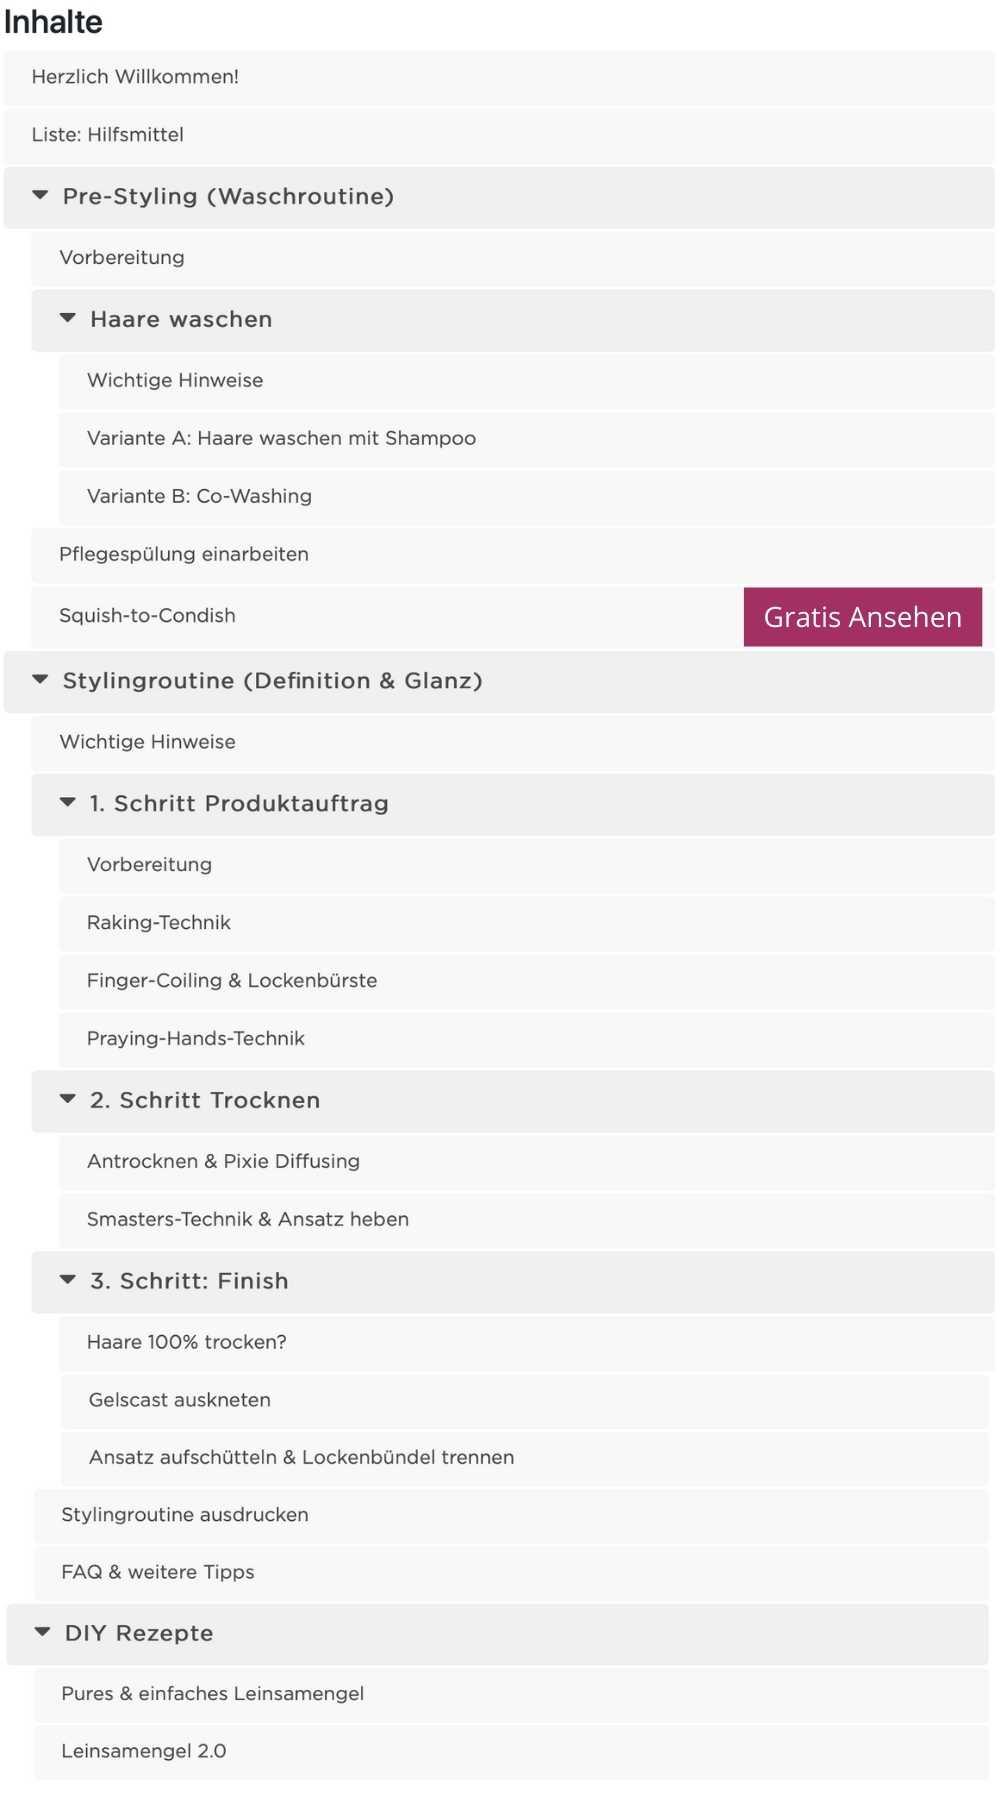 Stylingkurs Definition & Glanz Inhalte_2